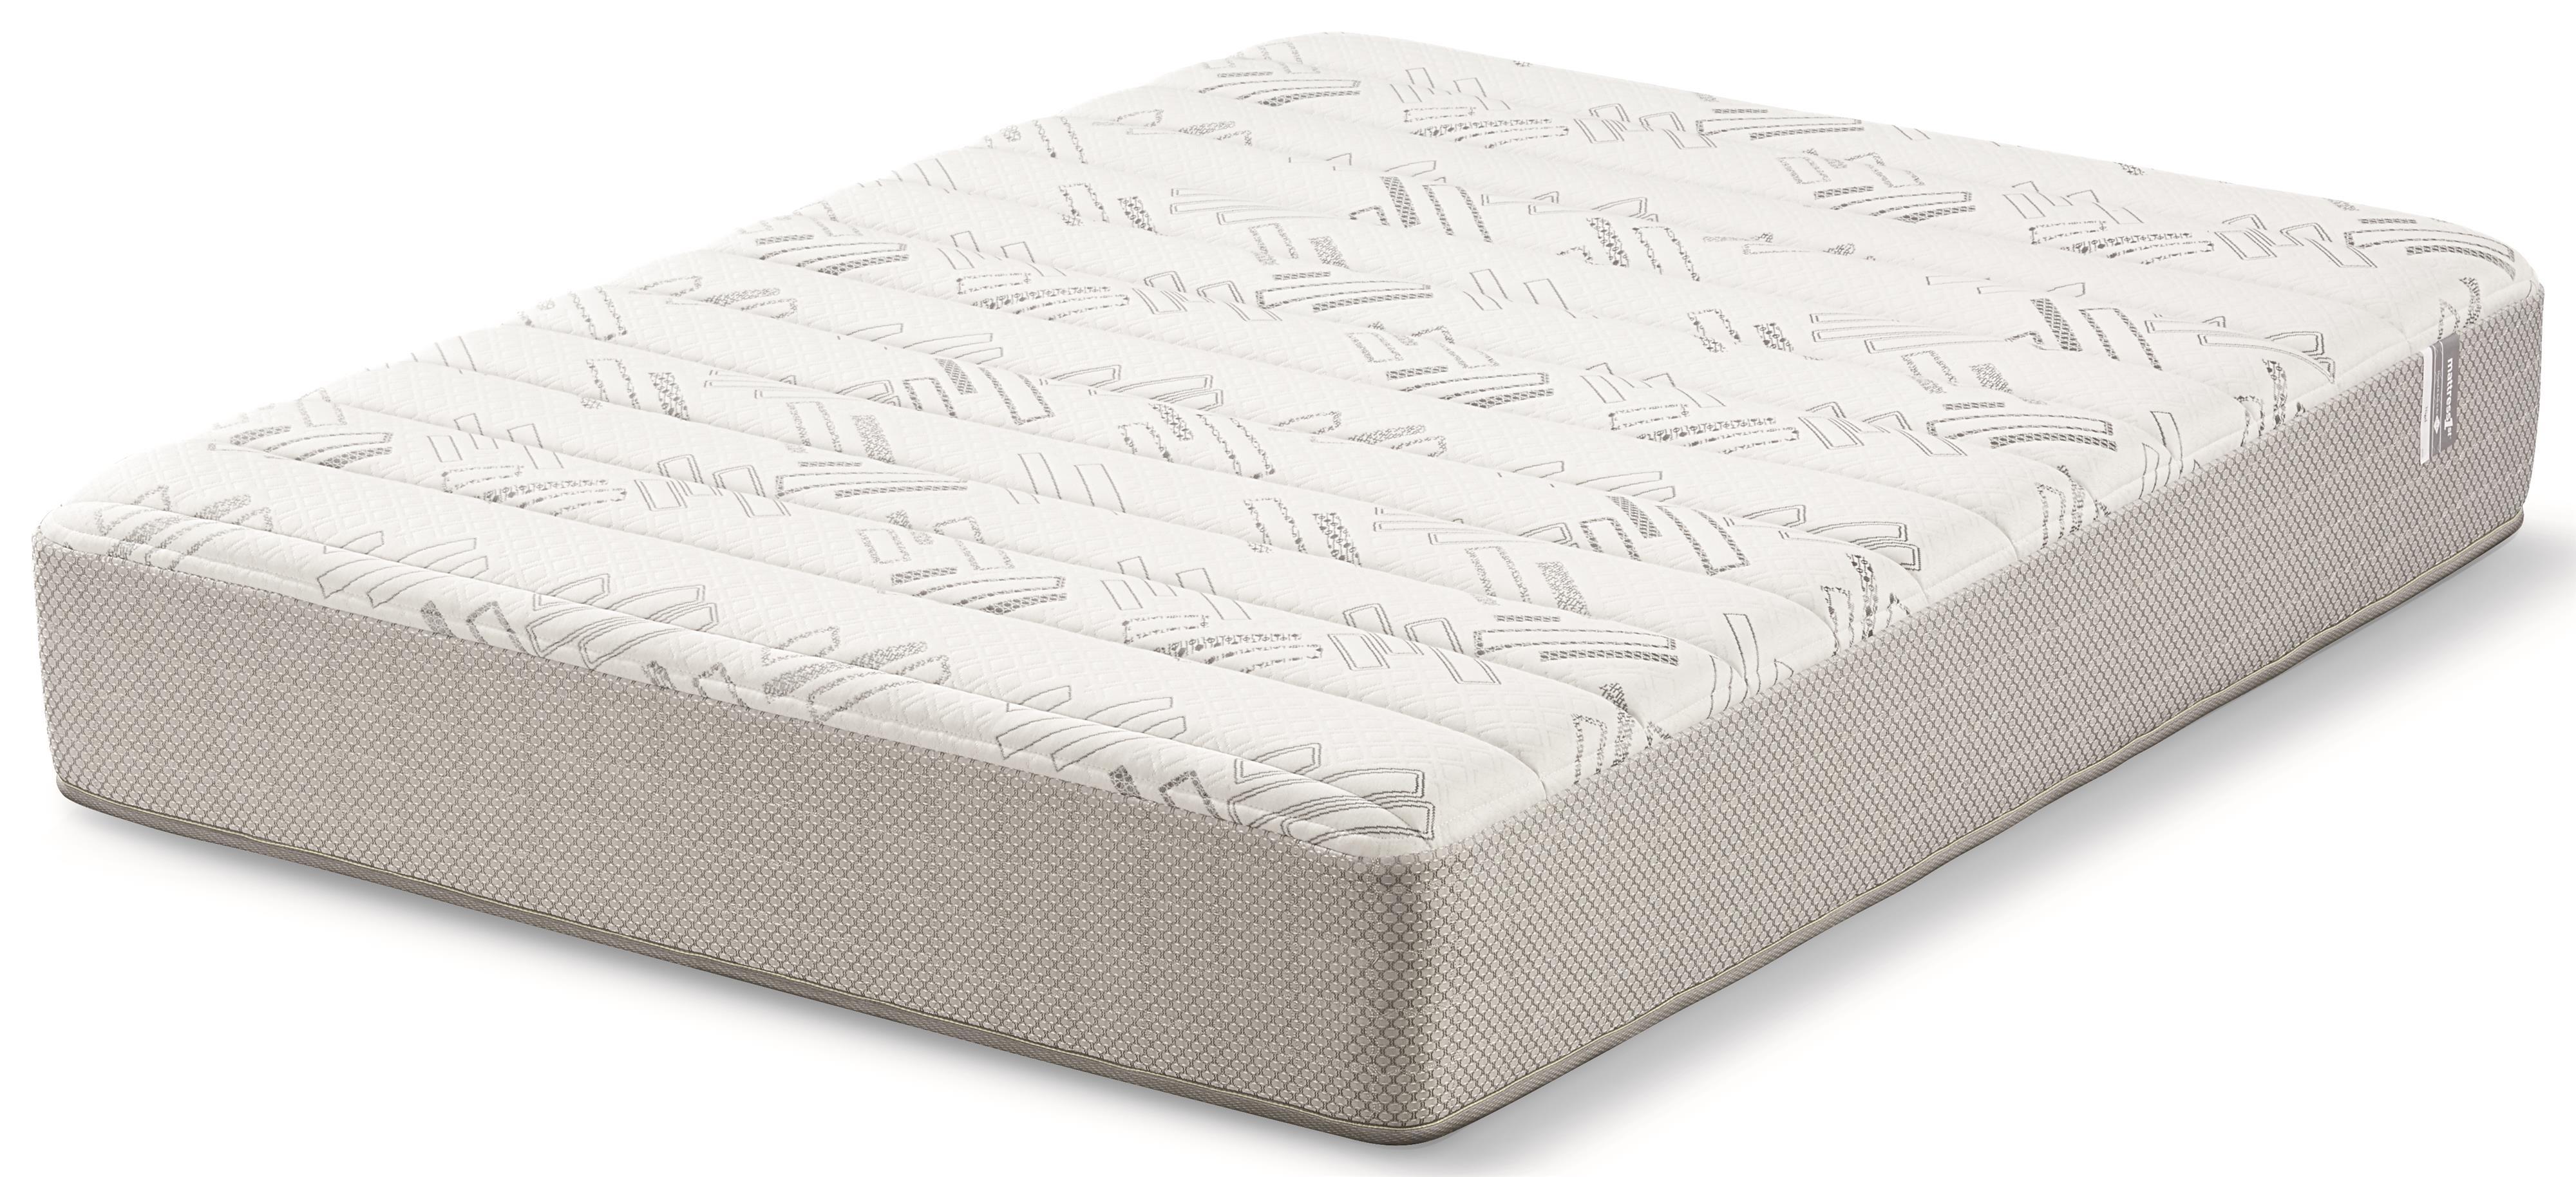 Mattress 1st Nigel Full Plush Memory Foam Mattress - Item Number: 500955742-F